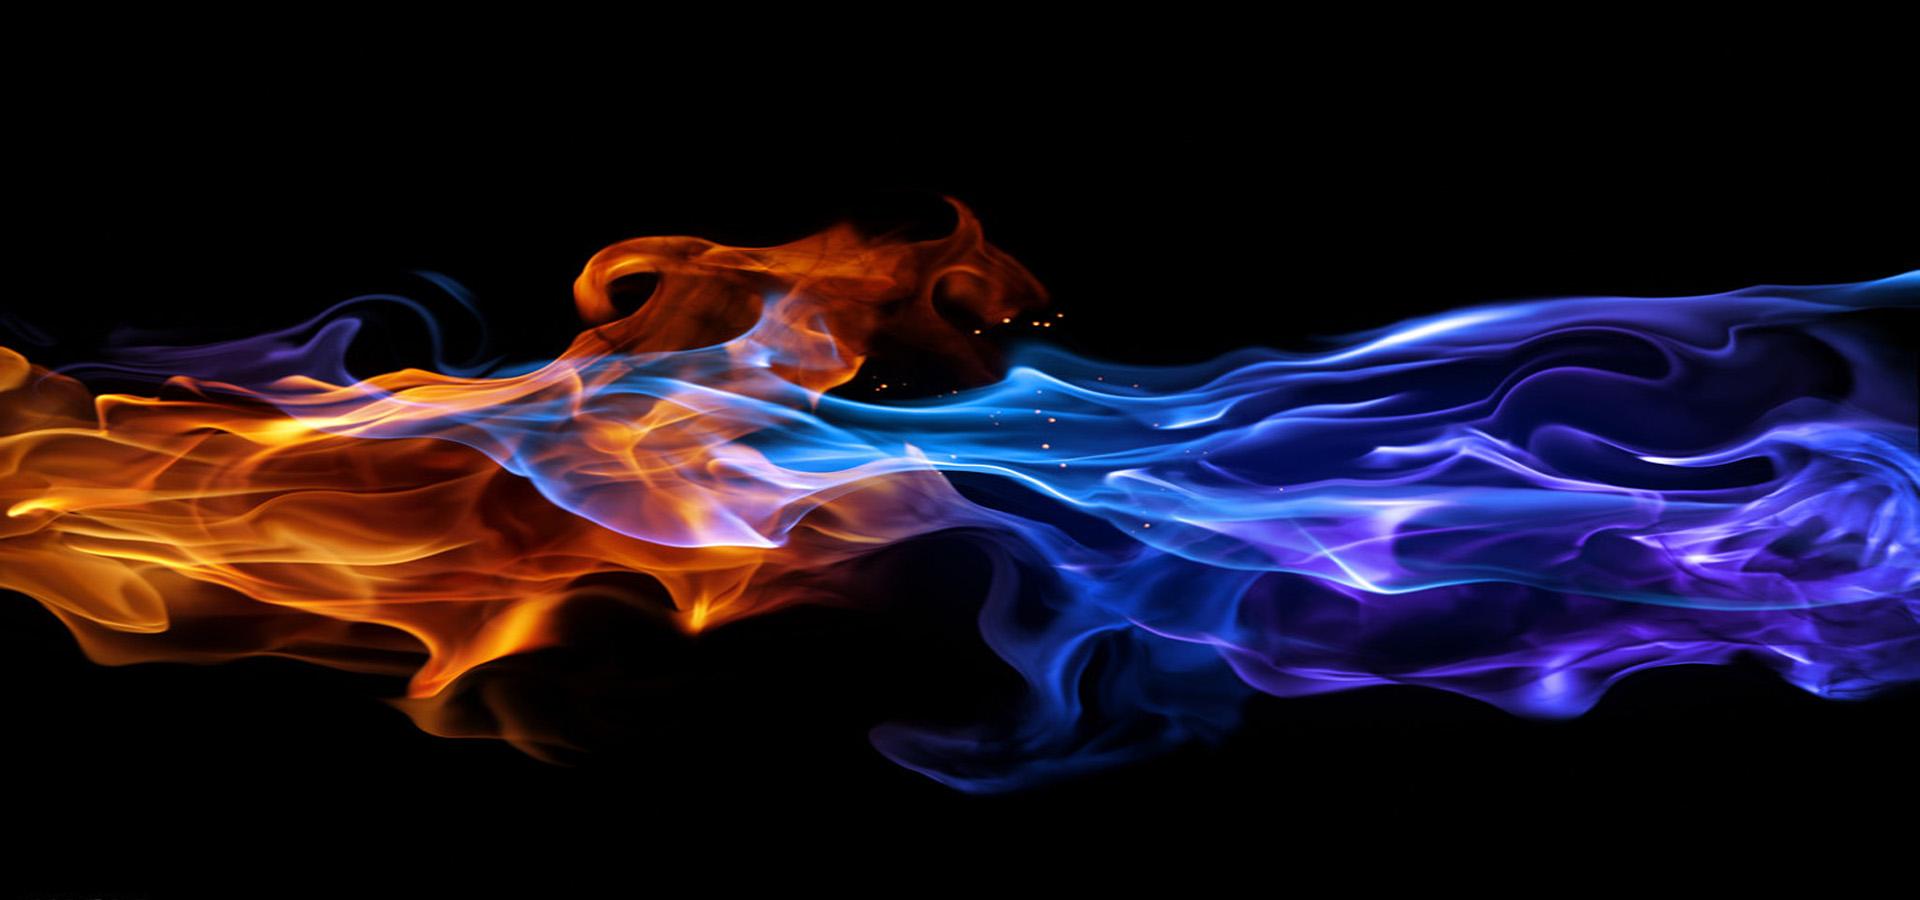 les flammes de fond flamme passion banni u00e8re d affiches